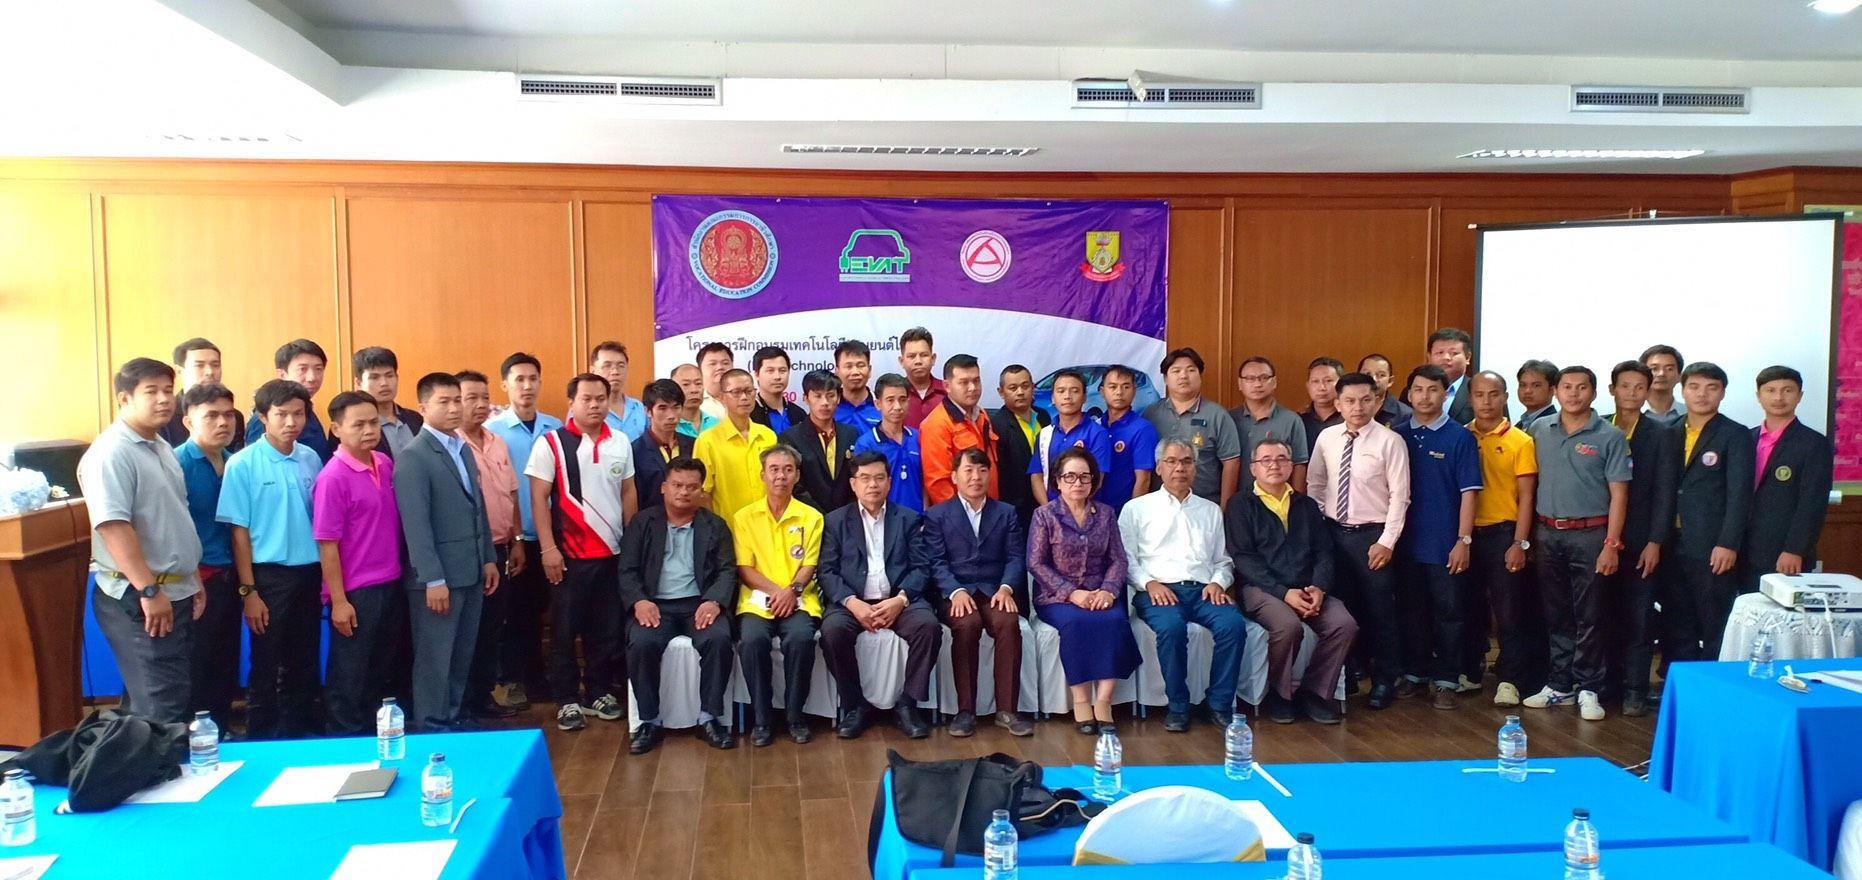 สมาคมยานยนต์ไฟฟ้าไทย ร่วมจัดอบรมและบรรยายเทคโนโลยียานยนต์ไฟฟ้า ให้กับคณะกรรมการอาชีวศึกษาร่วม